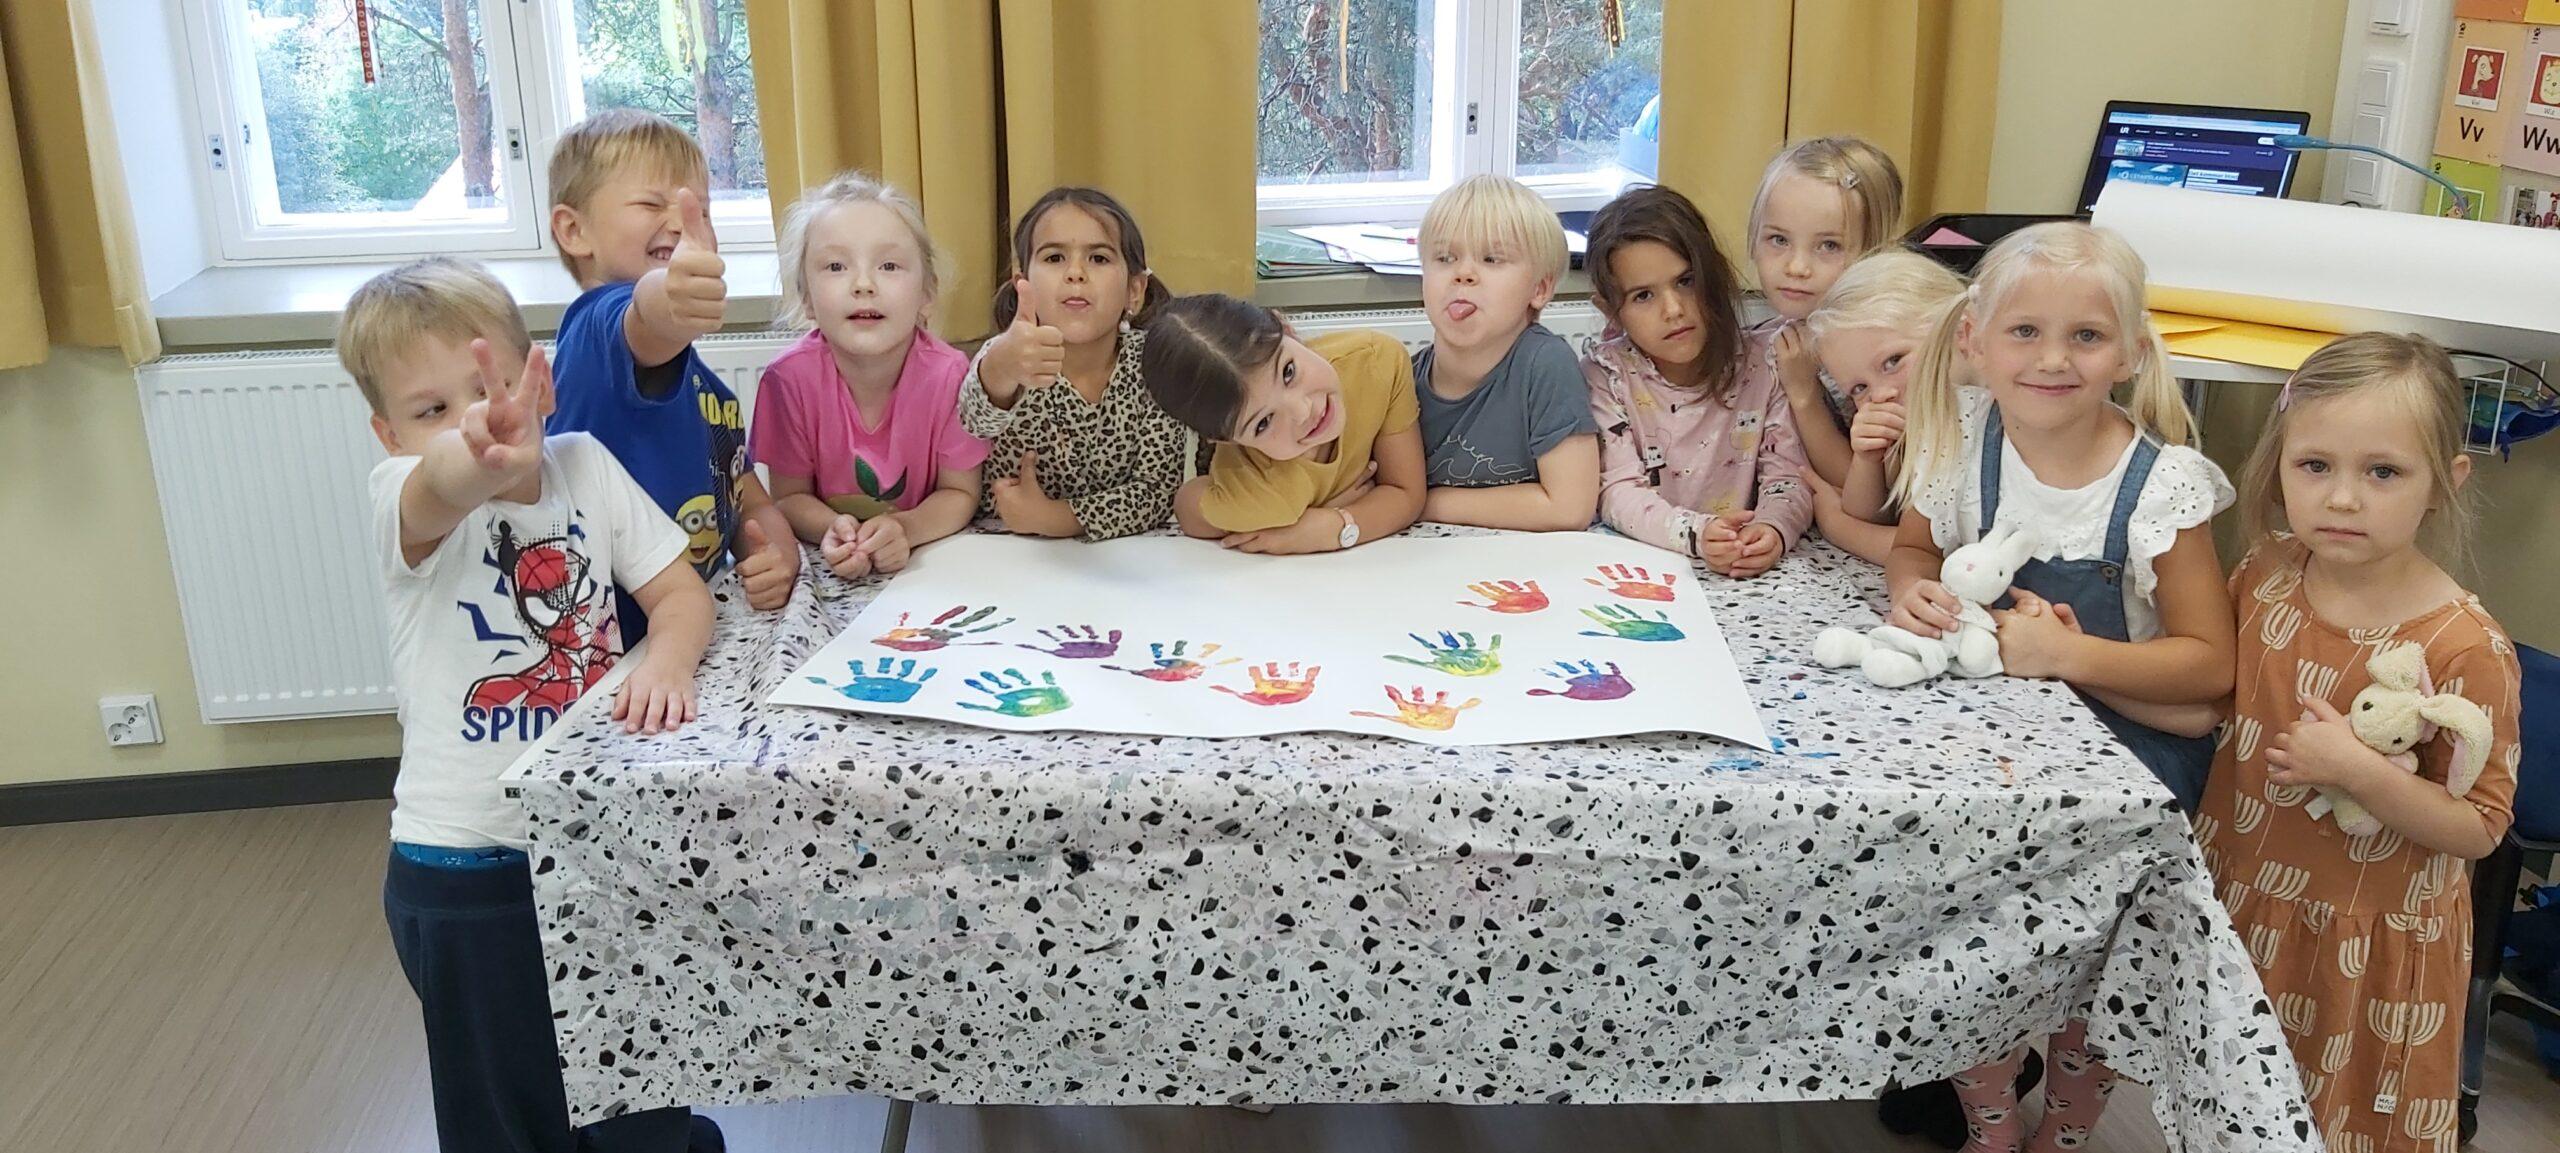 Den första språkbadsförskolegruppen med 11 barn på bilden.